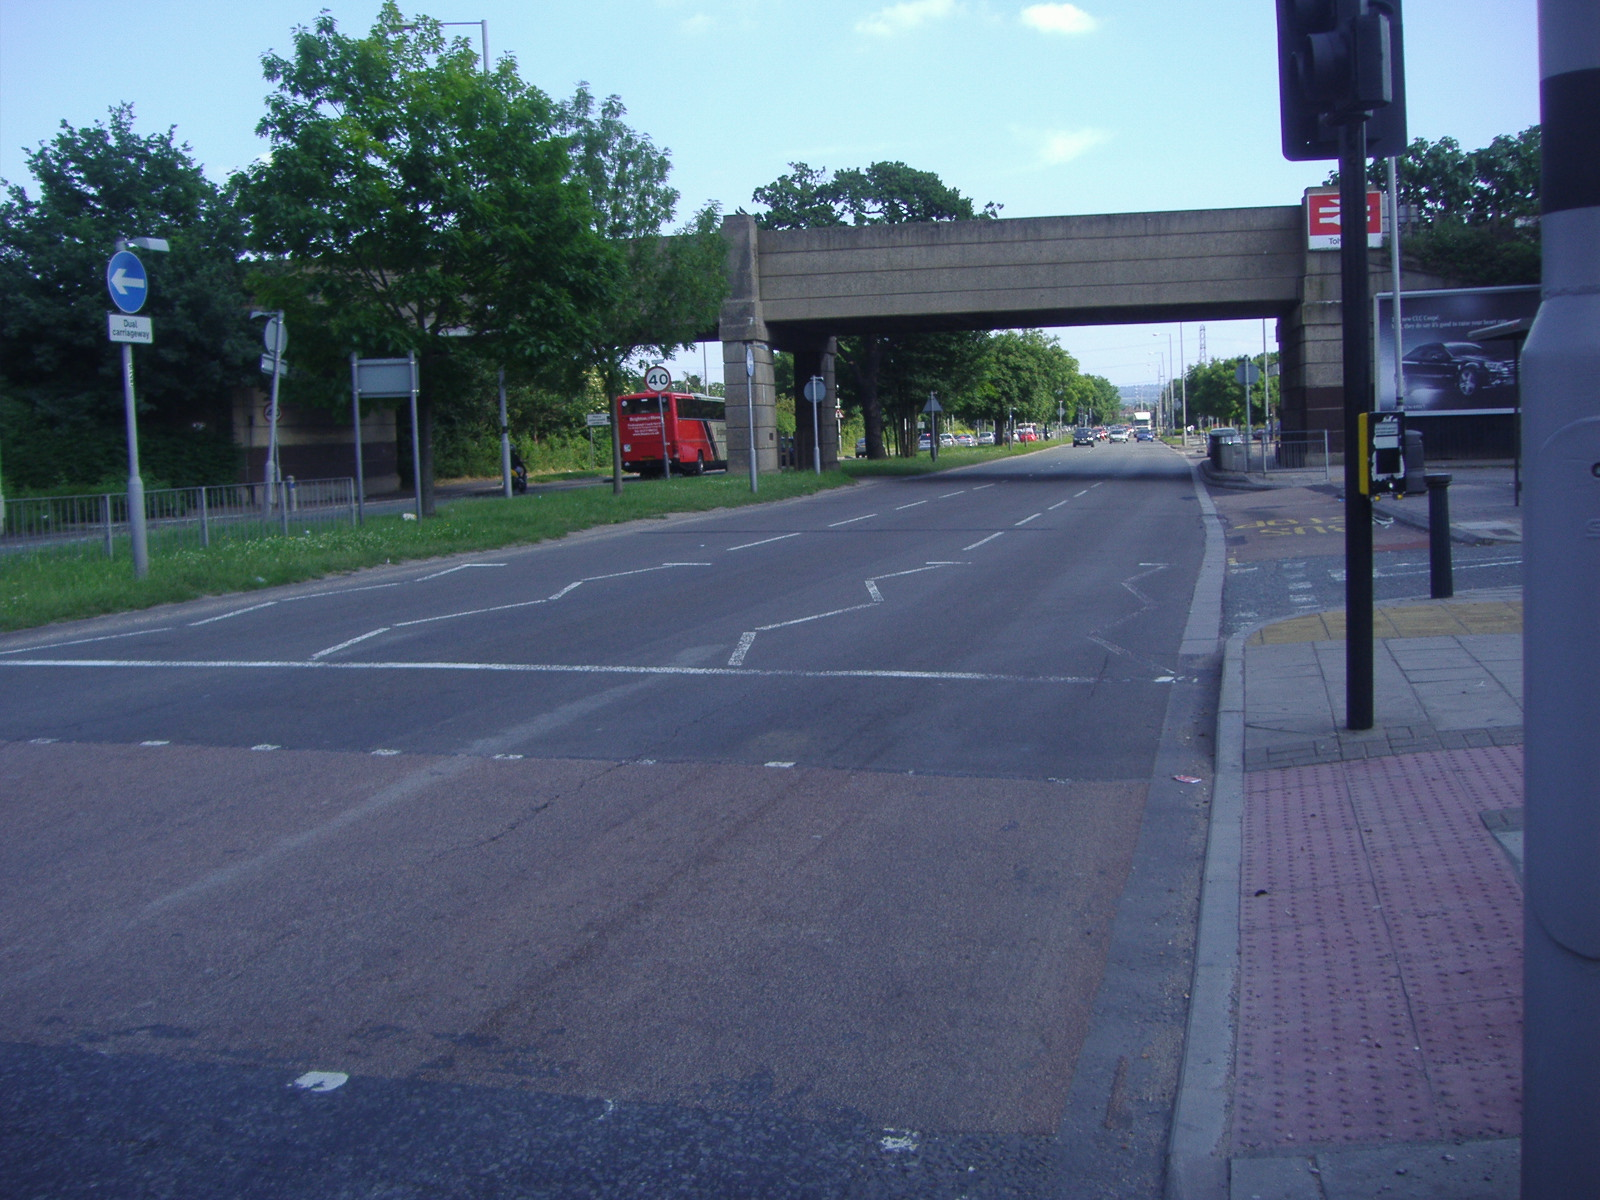 A240 road